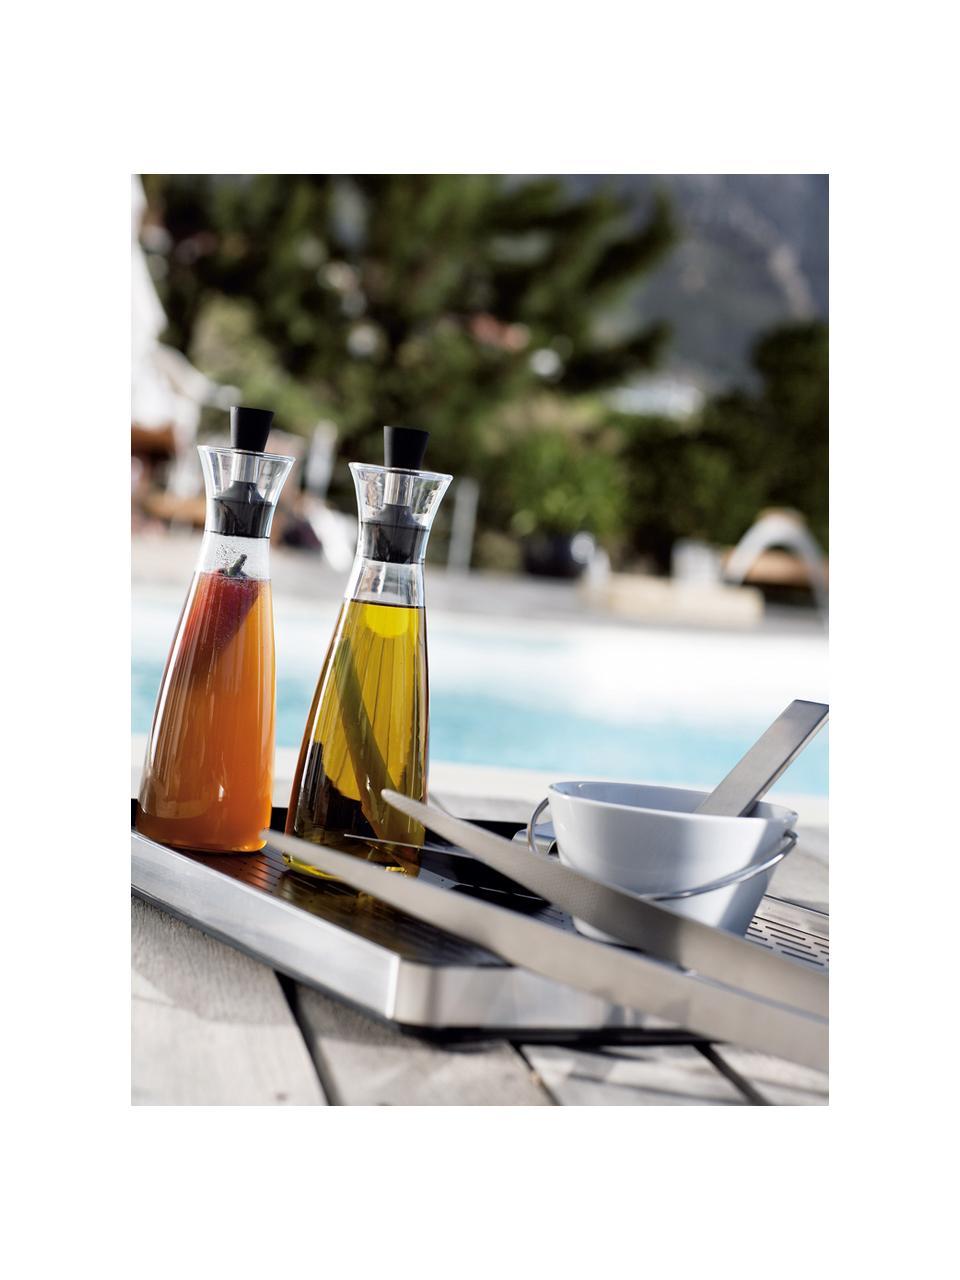 Designer Essig- und Öl-Spender Eva Solo, Glas, Edelstahl, Kunststoff, Transparent, Schwarz, Edelstahl, 0,5 l